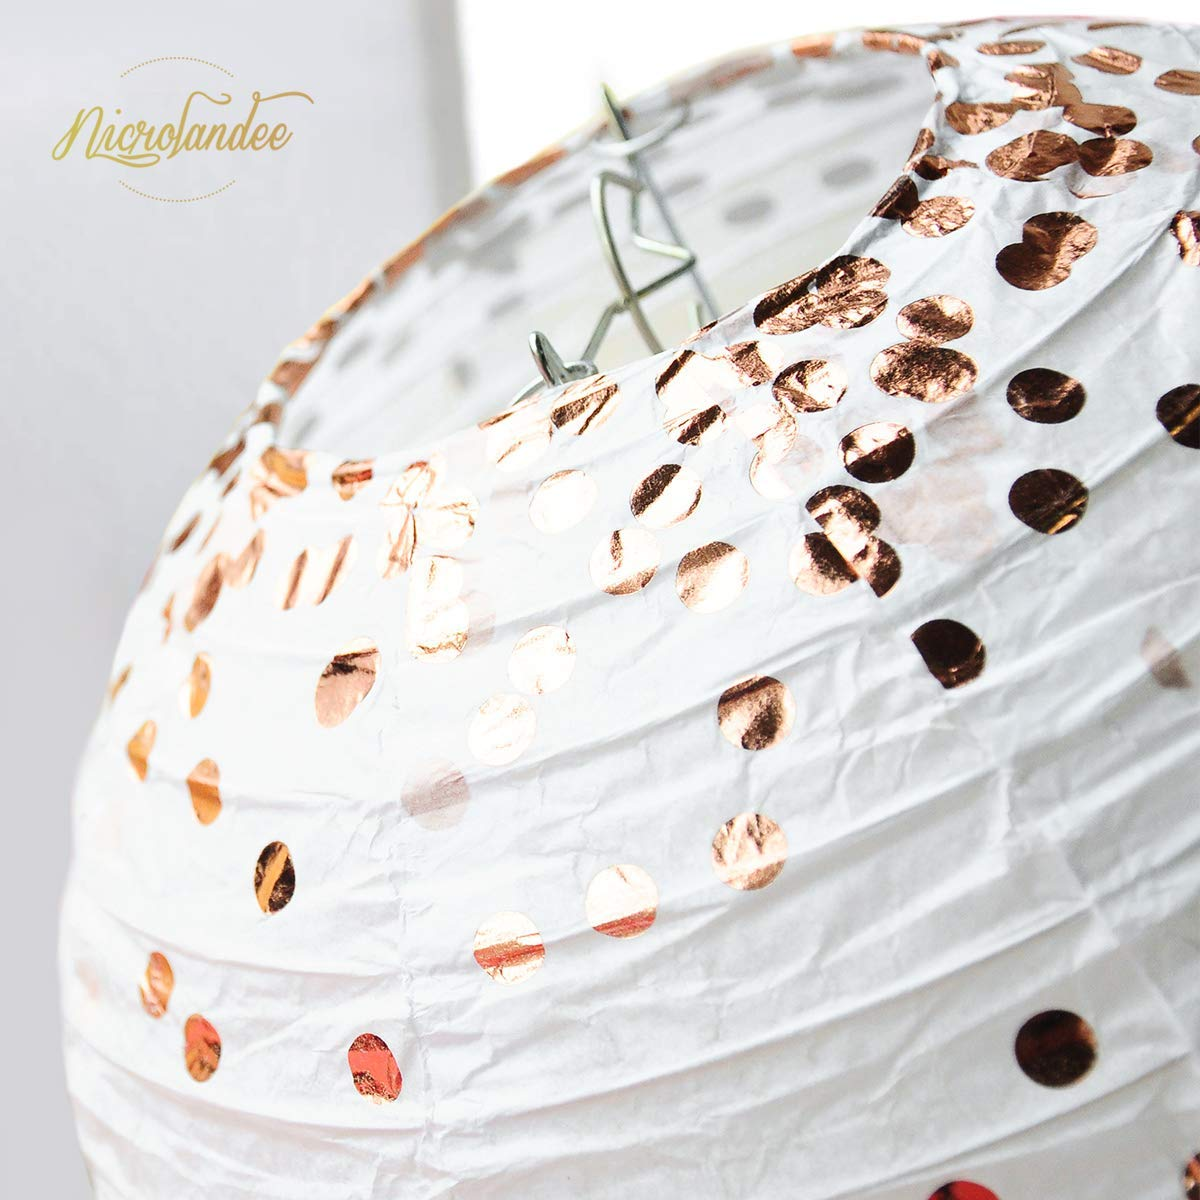 NICROLANDEE Lanterne en Papier Rose D/écorations Blanc Lanterne Guirlande pour Fille Anniversaire Mariage Douche Saint-Valentin F/ête Int/érieur Ext/érieur D/écoration Maison 18 Pi/èces